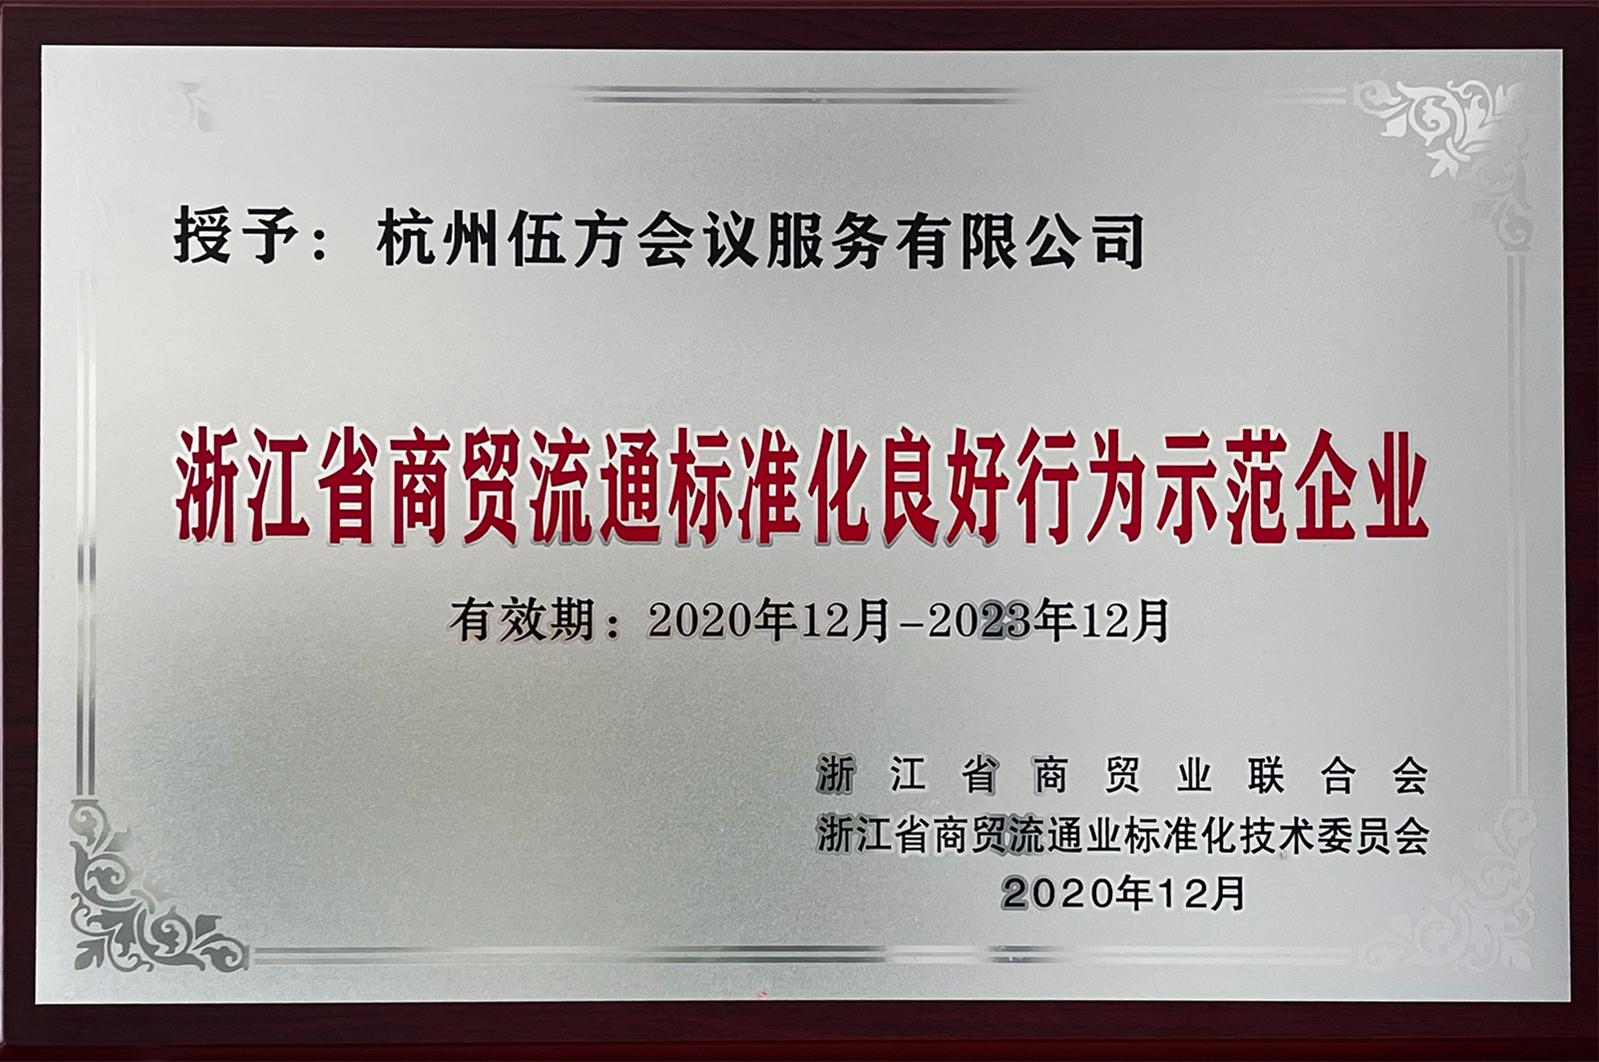 浙江省商贸流通标准化良好行为示范企业――伍方